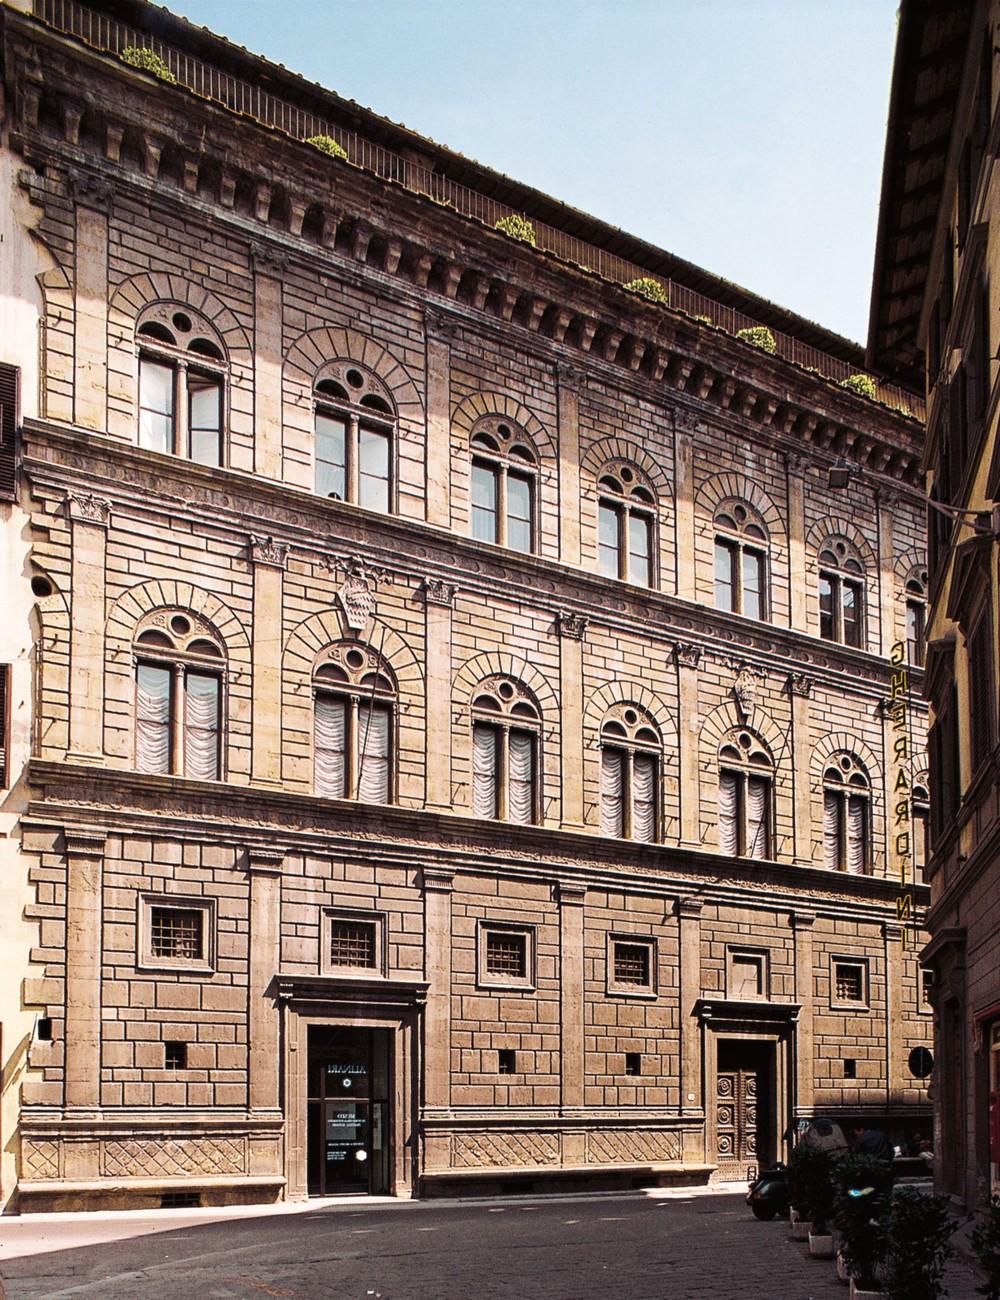 Giardini di palazzo rucellai home visualizza idee immagine - I giardini di palazzo rucellai ...